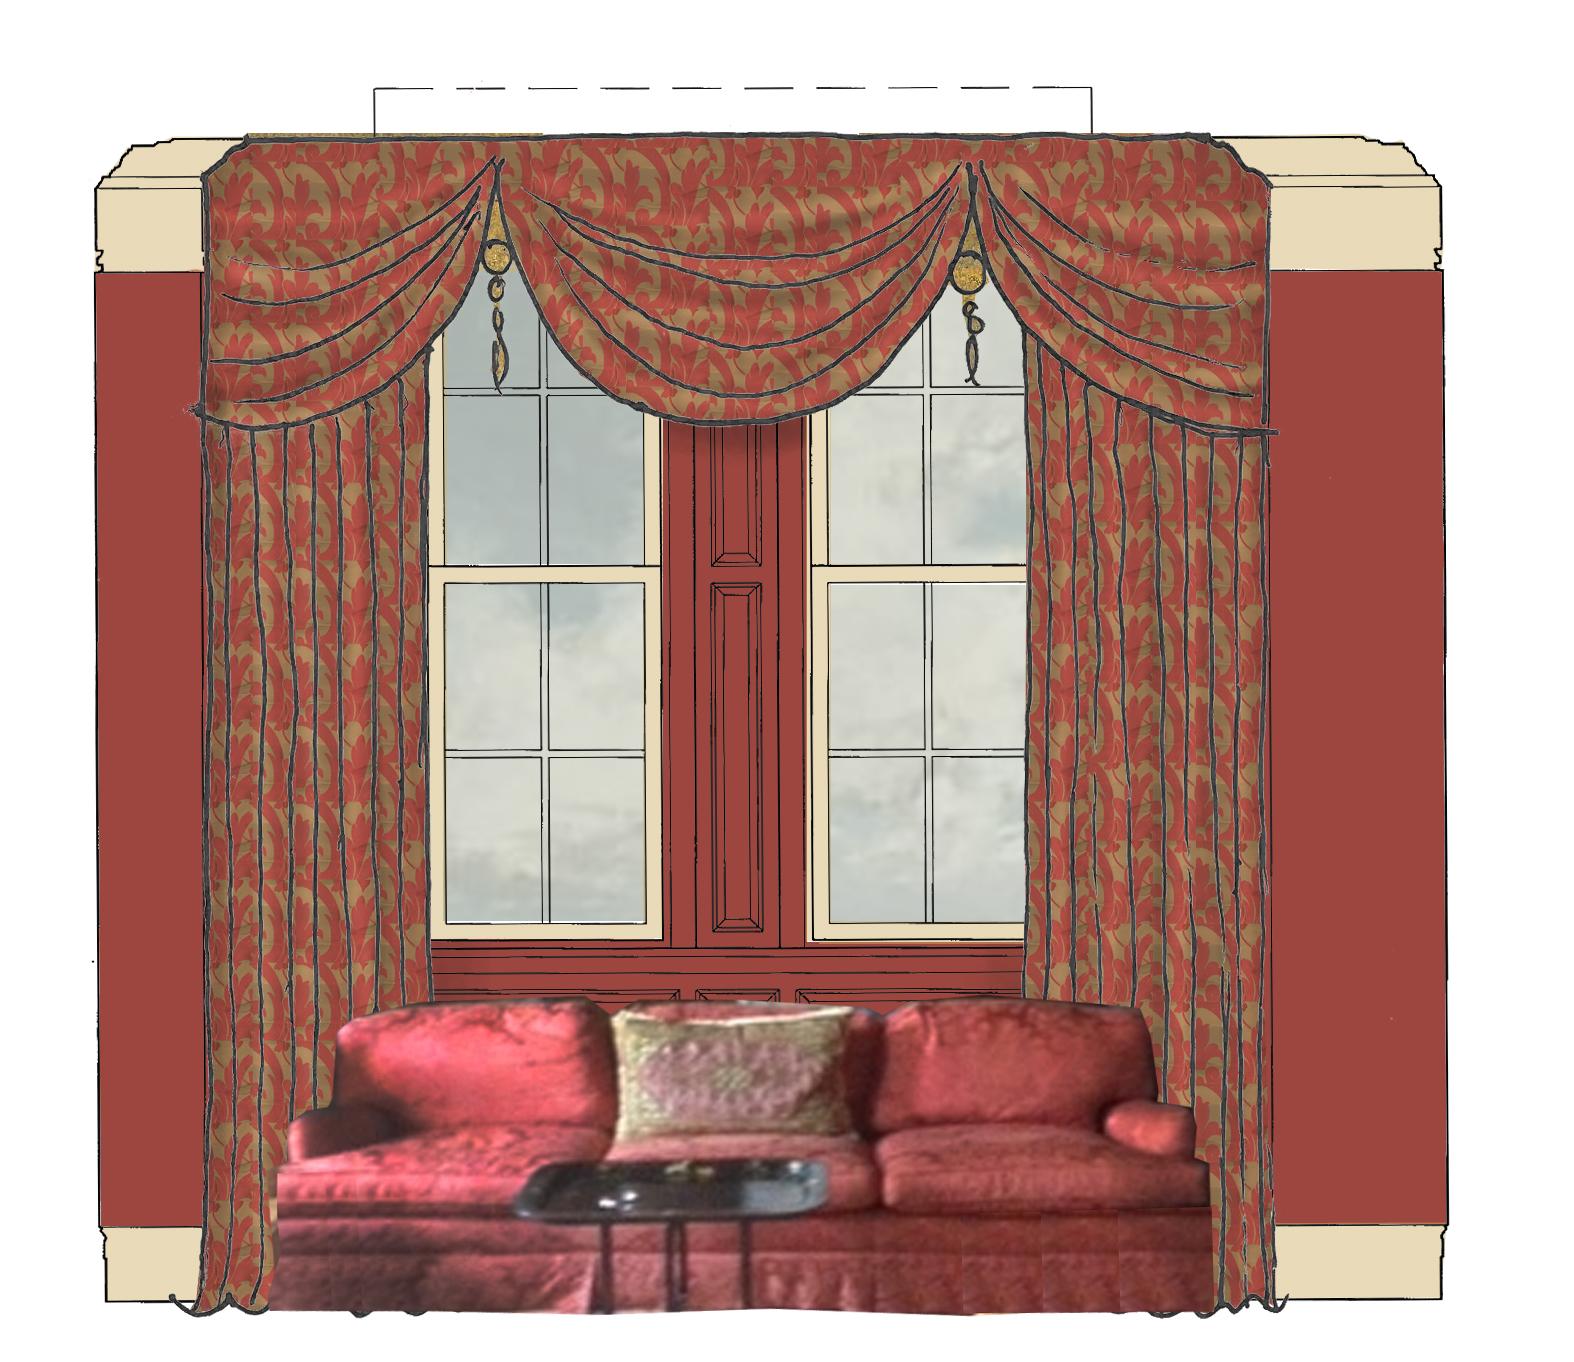 living room window rendered.jpg